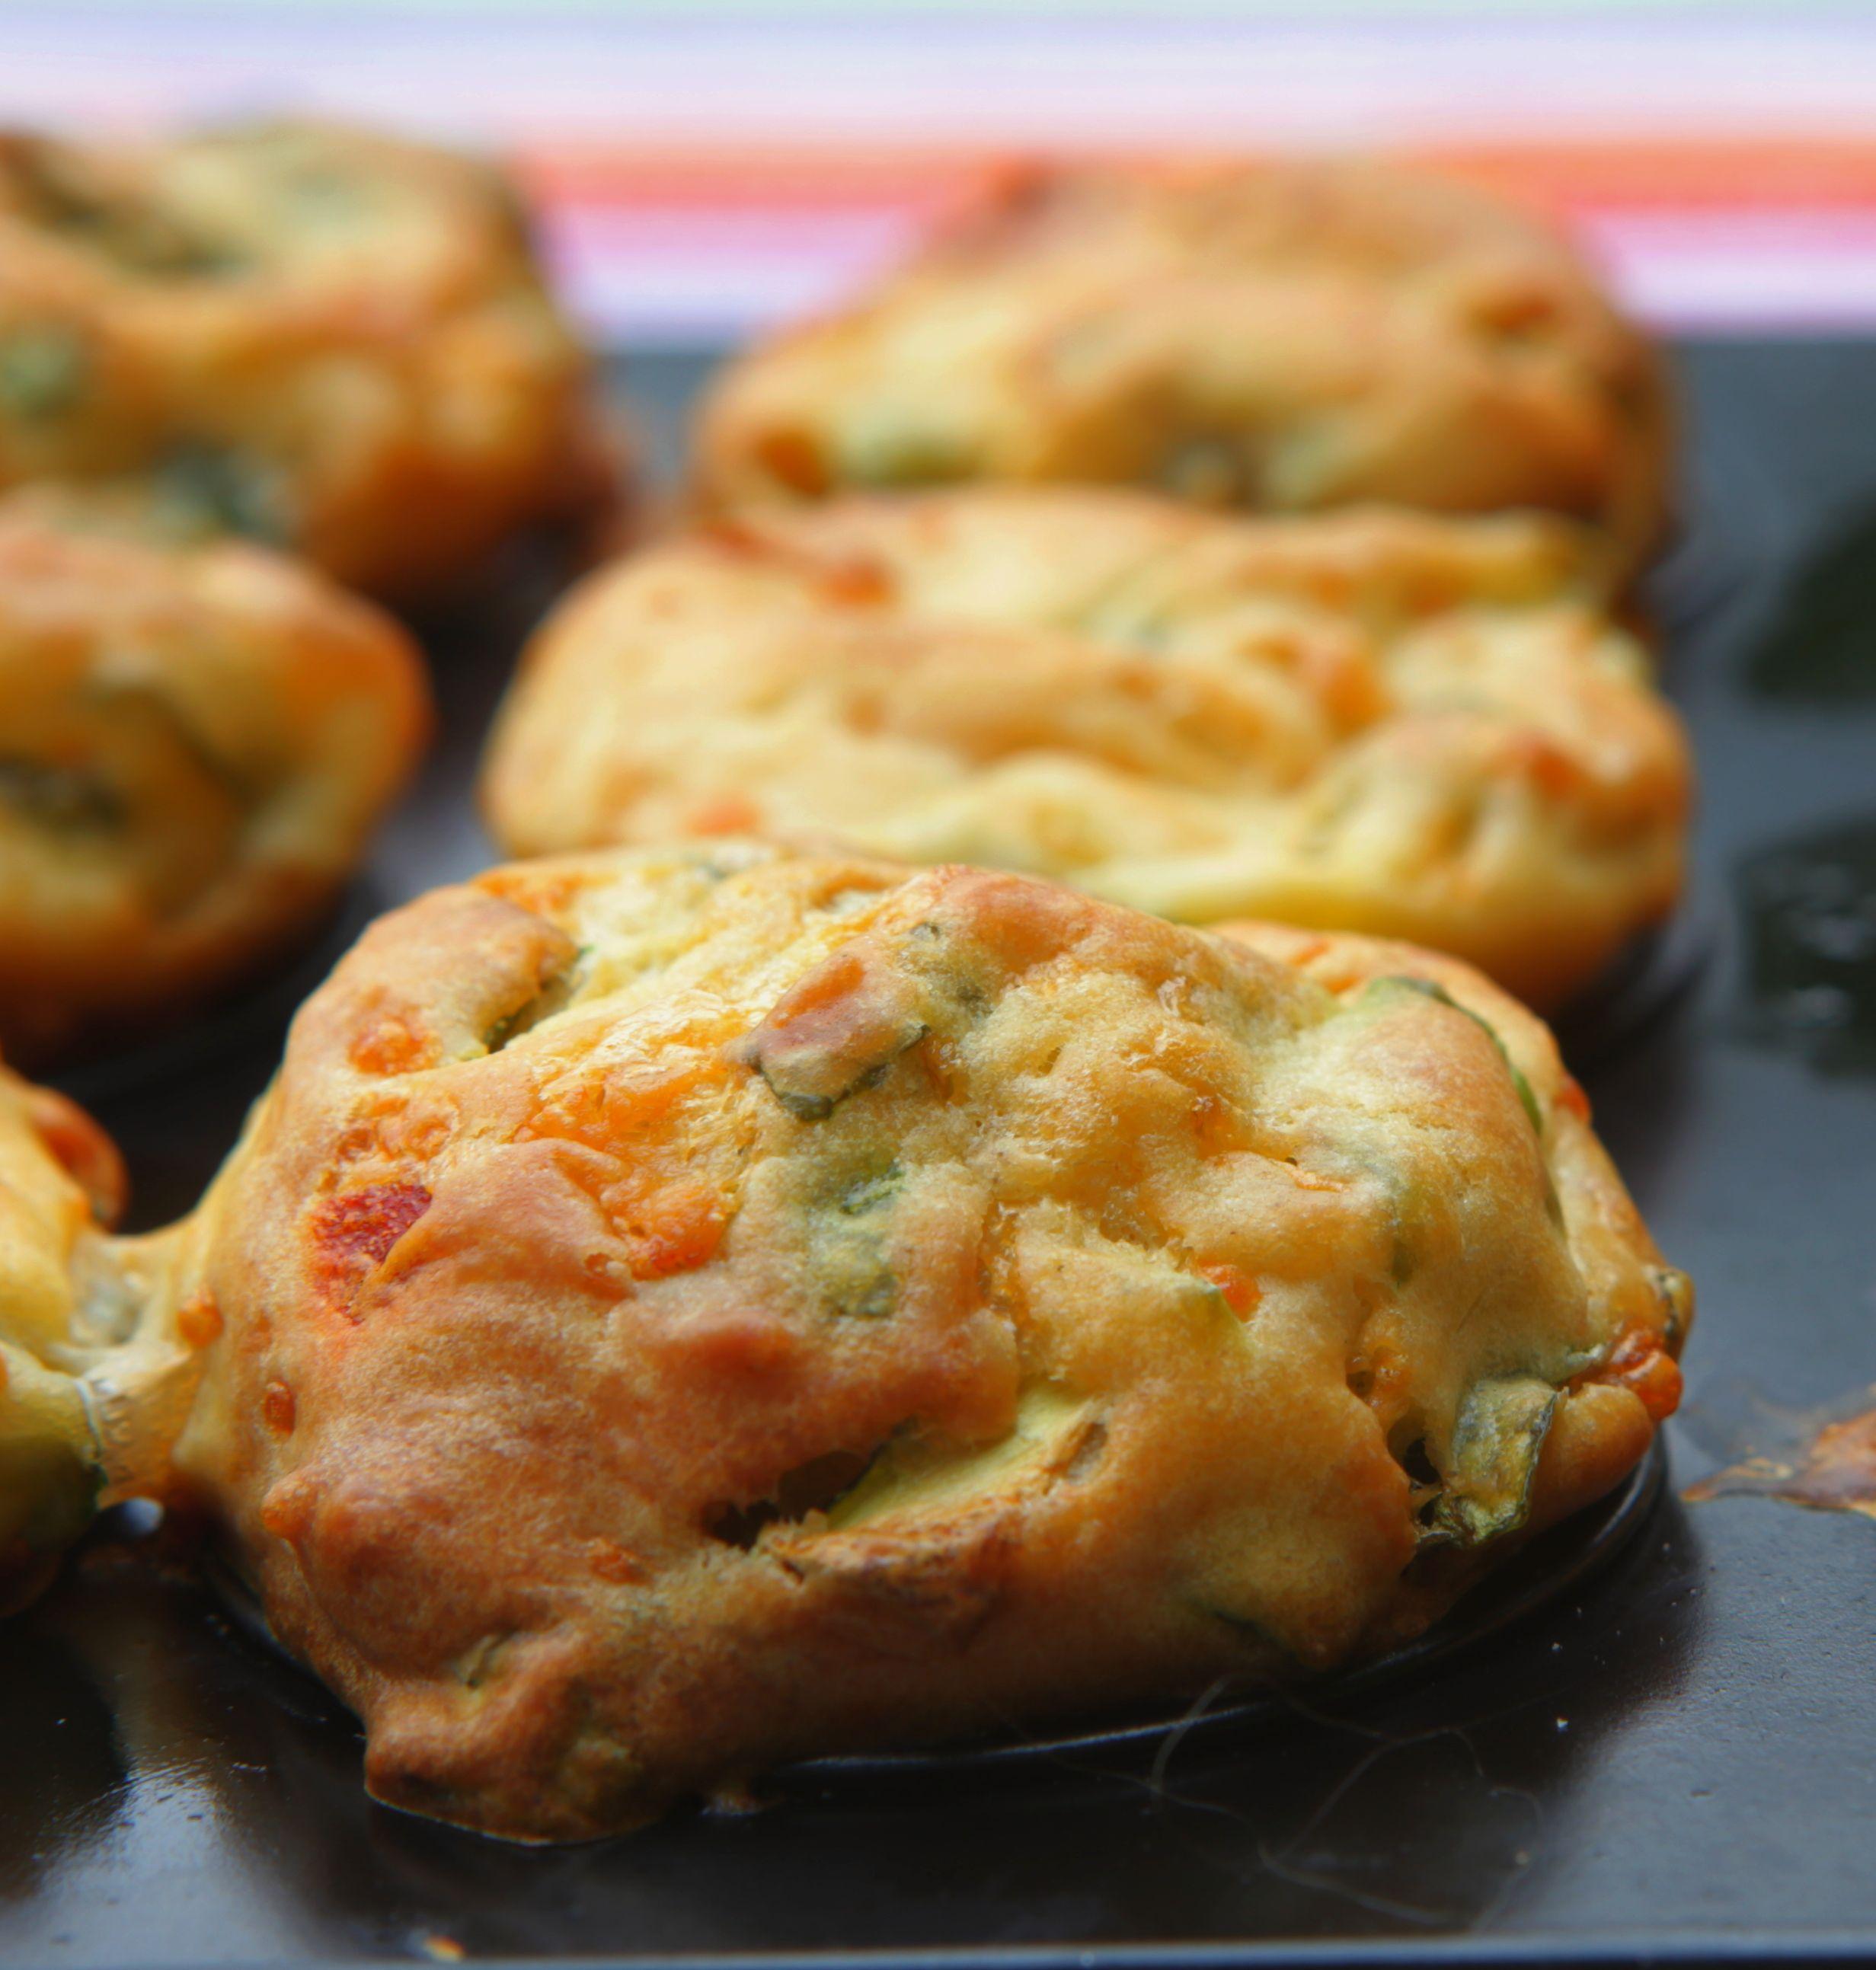 Hartige muffins met geitenkaas en courgette